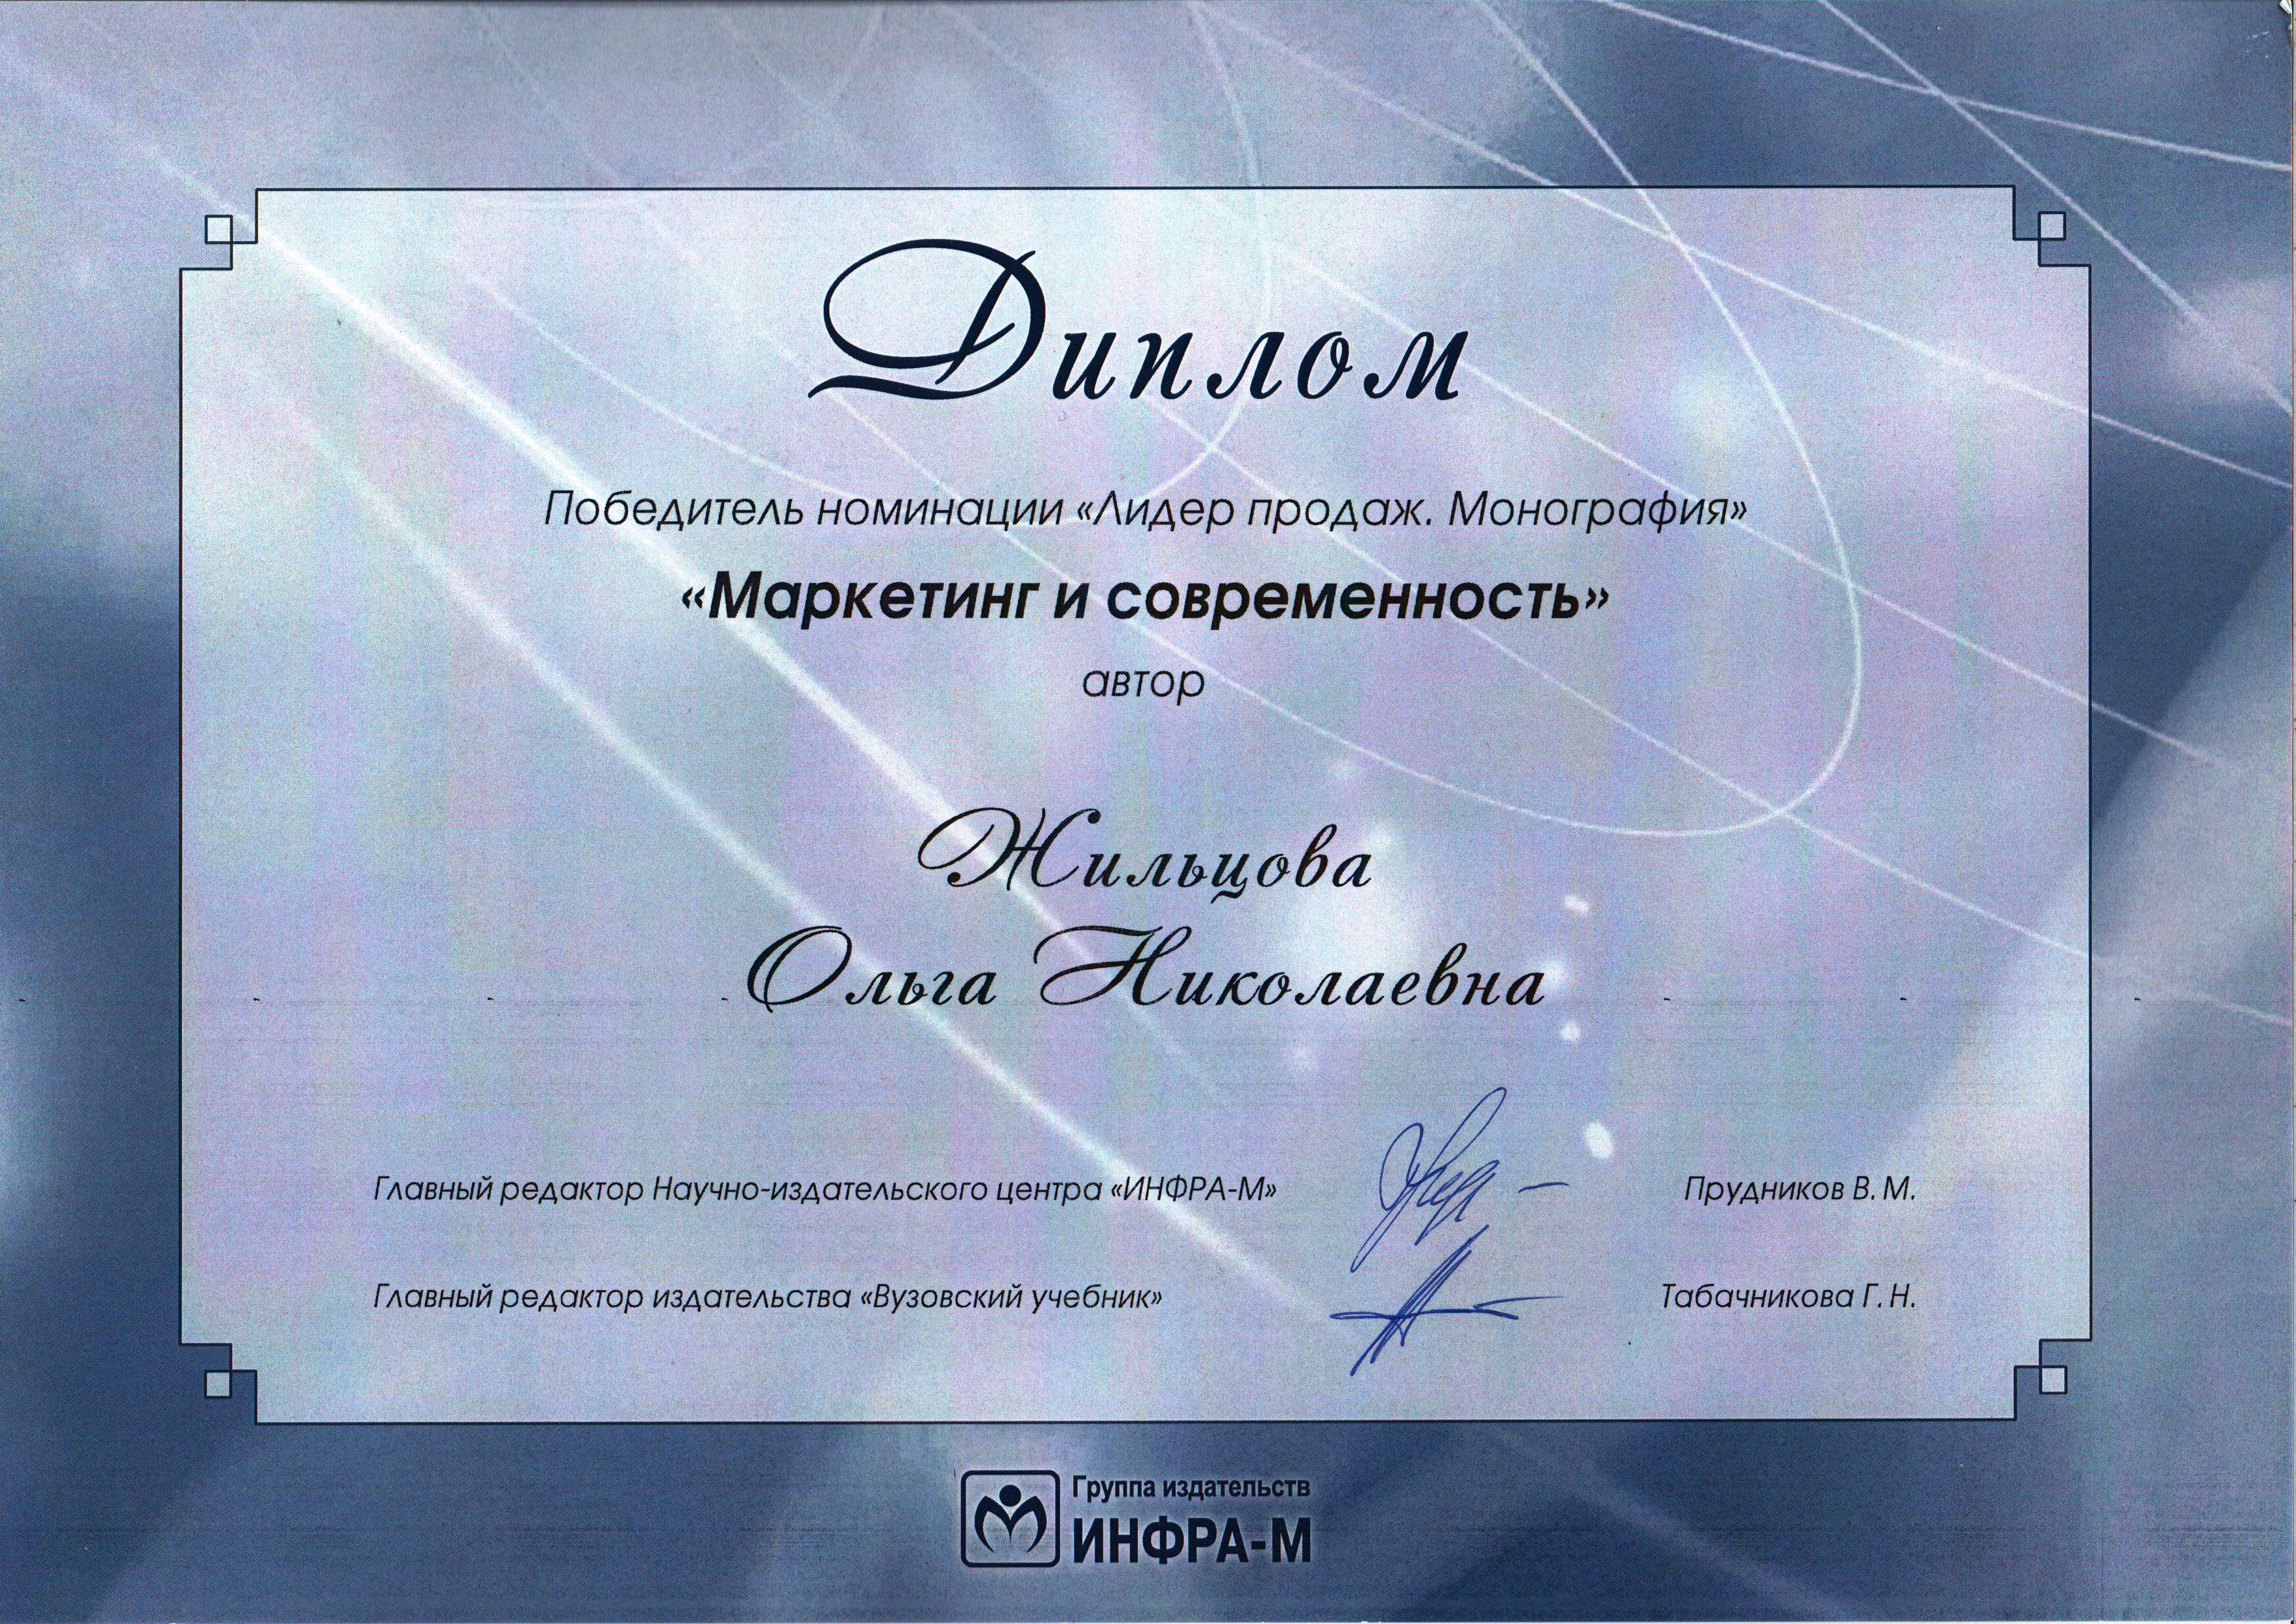 Жильцова ОН Вузовский за монографию